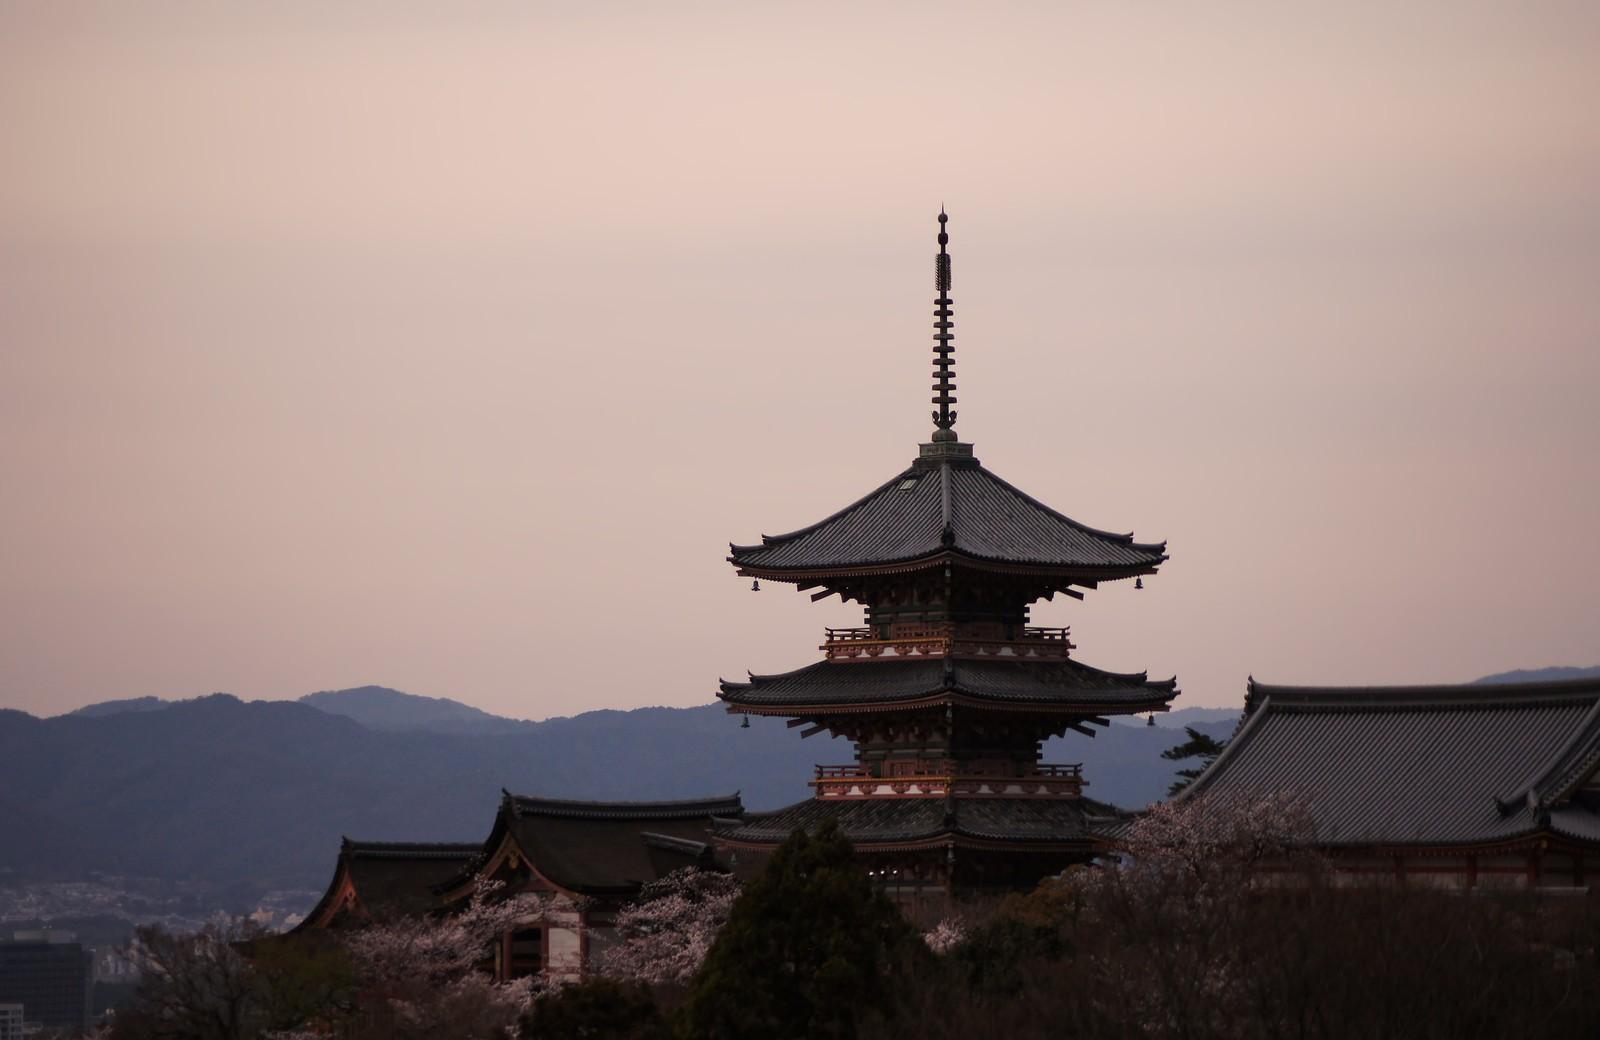 京都のB級グルメをご紹介!地元民おすすめの絶品料理はこれ!